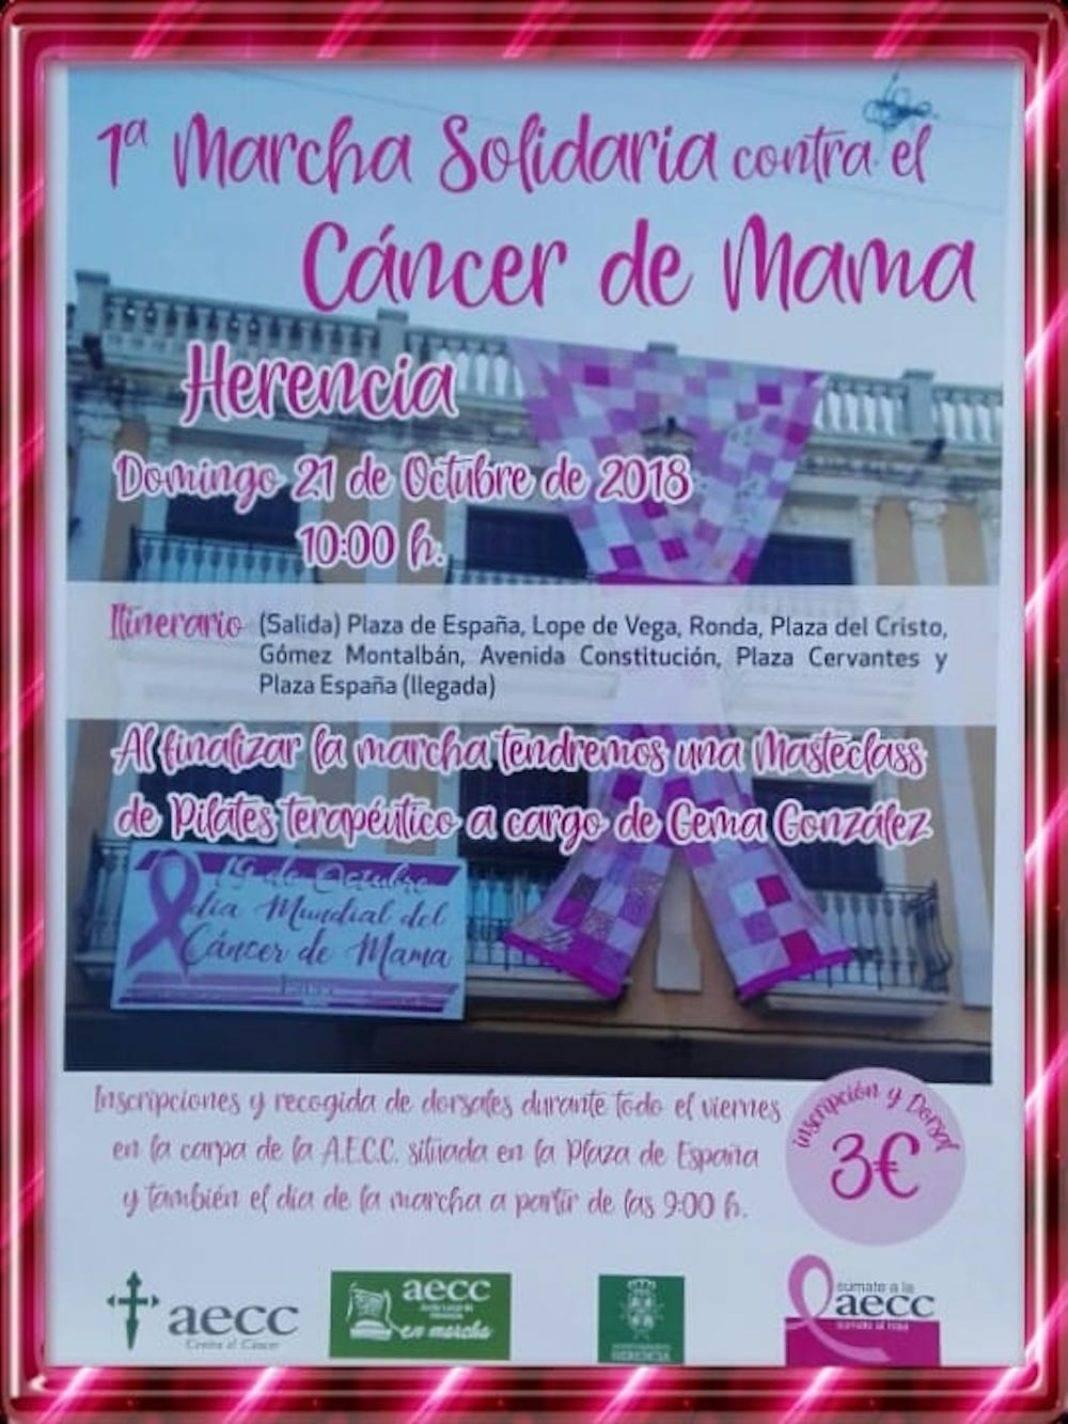 Primera Marcha Solidaria contra el Cáncer de mama en Herencia 4